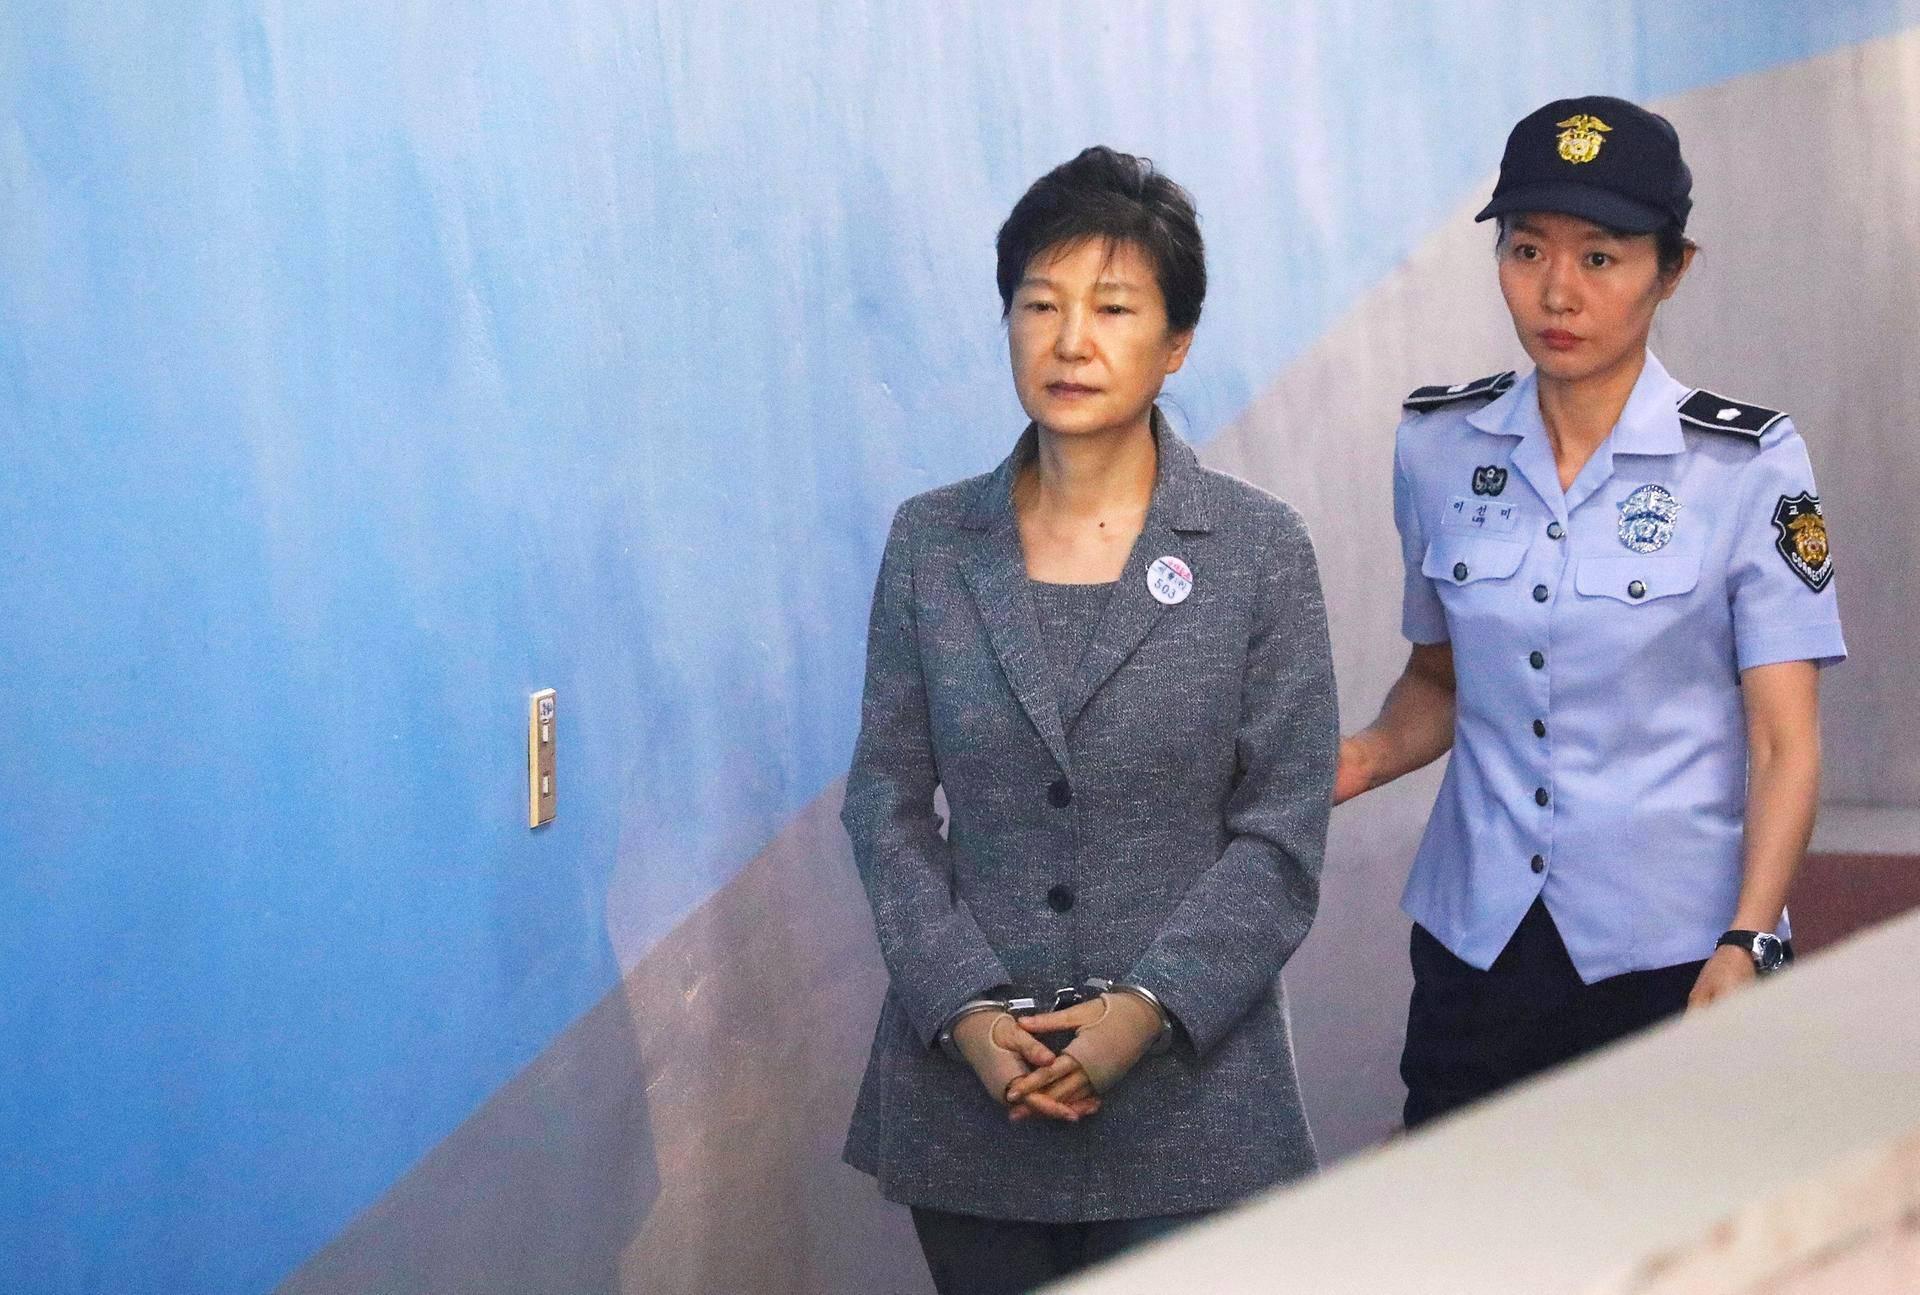 Etelä-Korean karkoitettu johtaja Park Geun-hye saapui oikeuteen Soulissa.